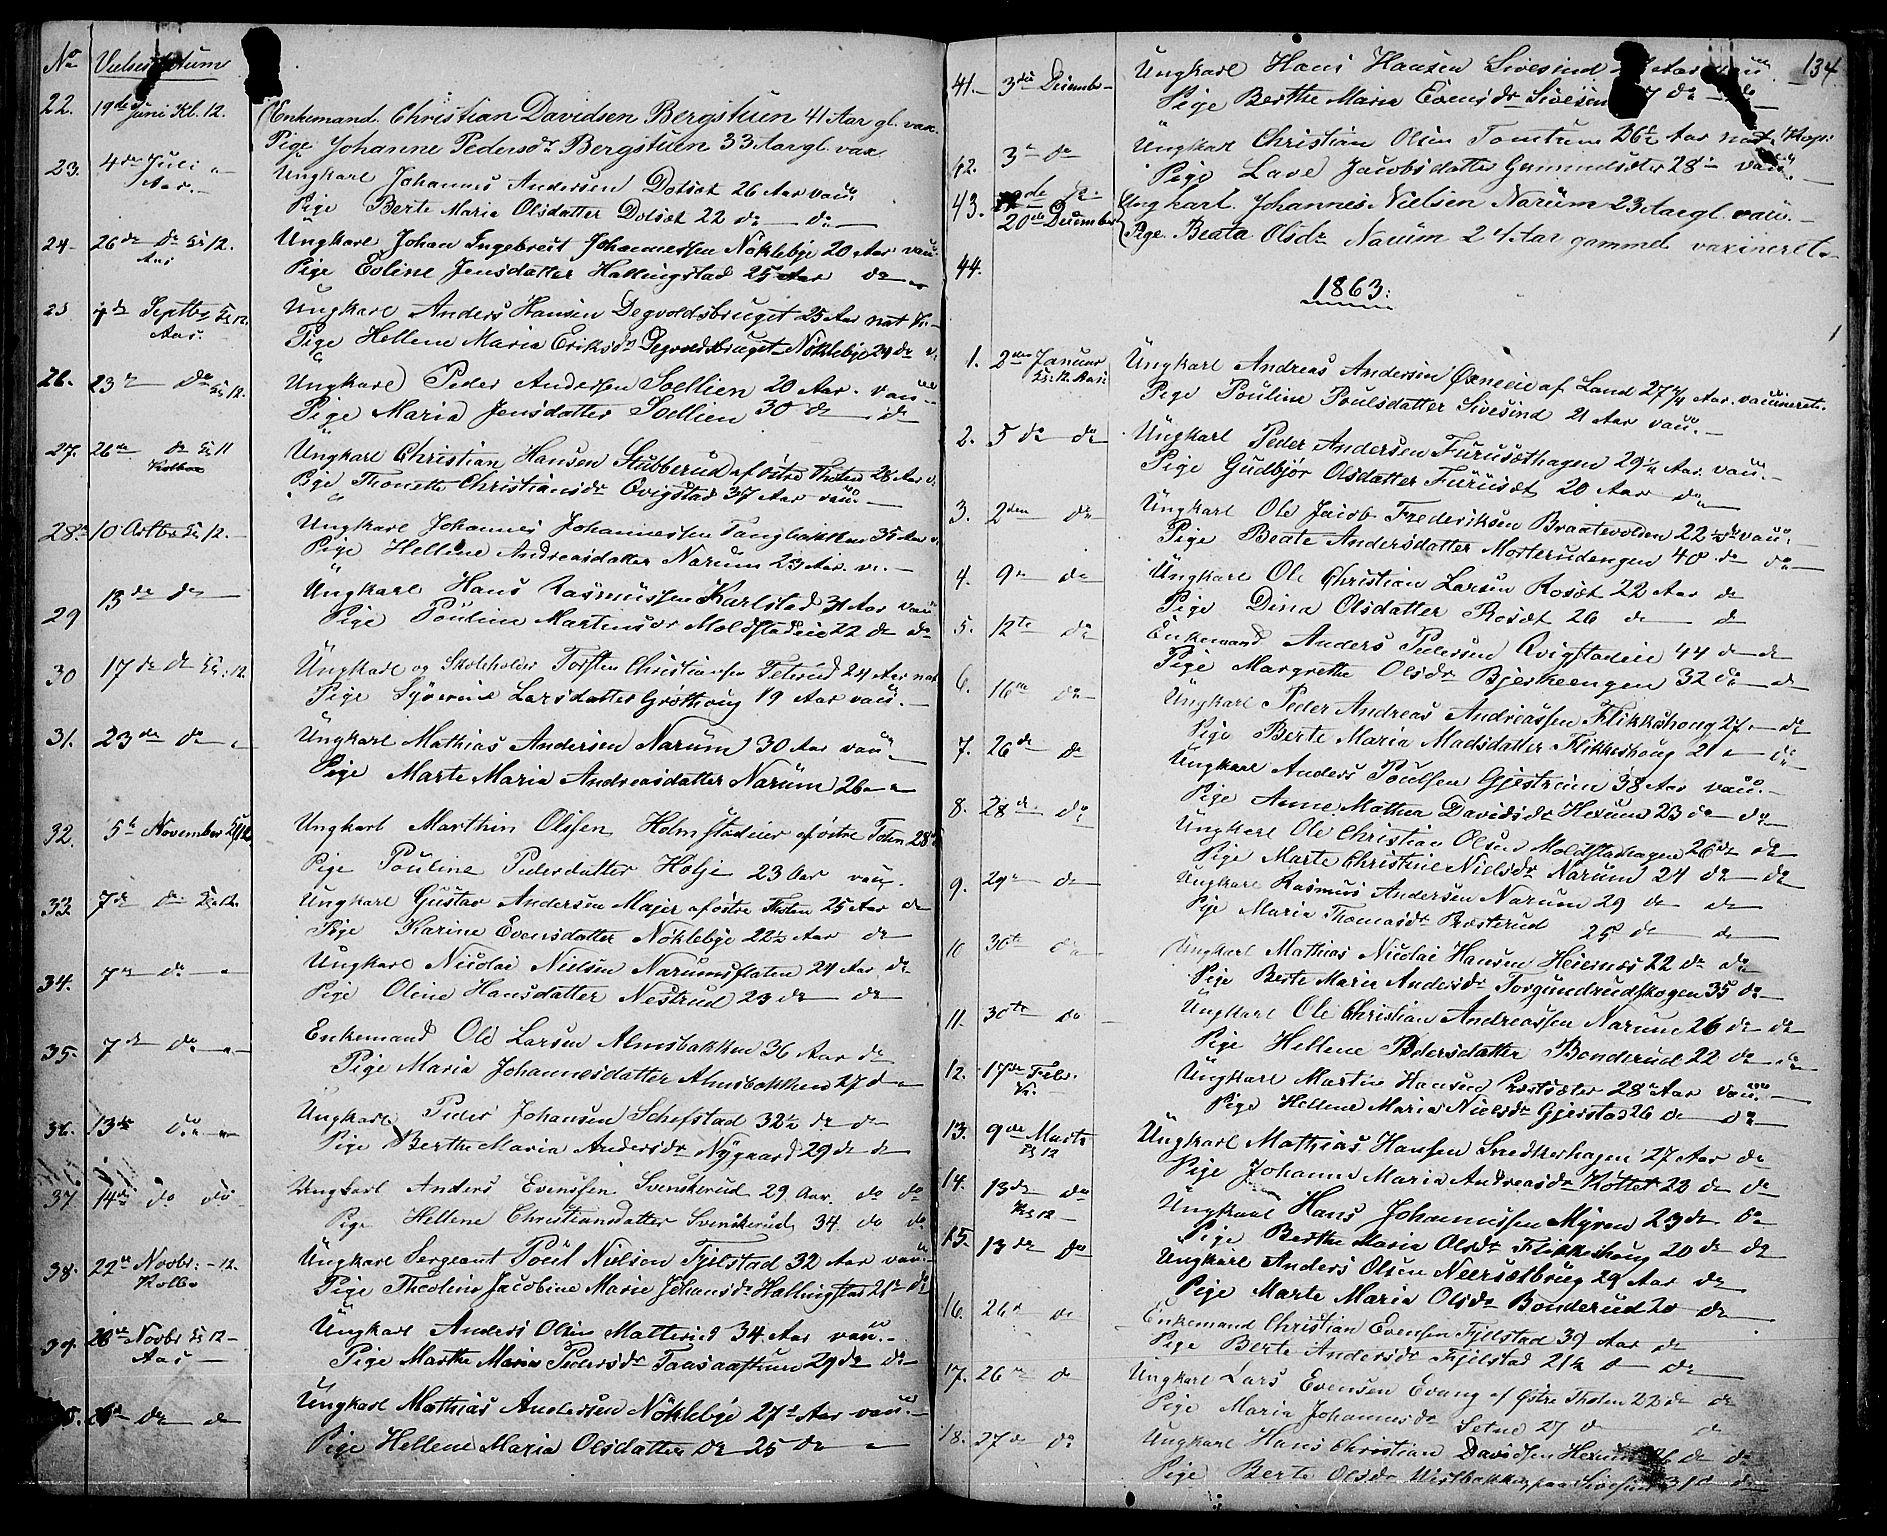 SAH, Vestre Toten prestekontor, Klokkerbok nr. 5, 1854-1870, s. 134